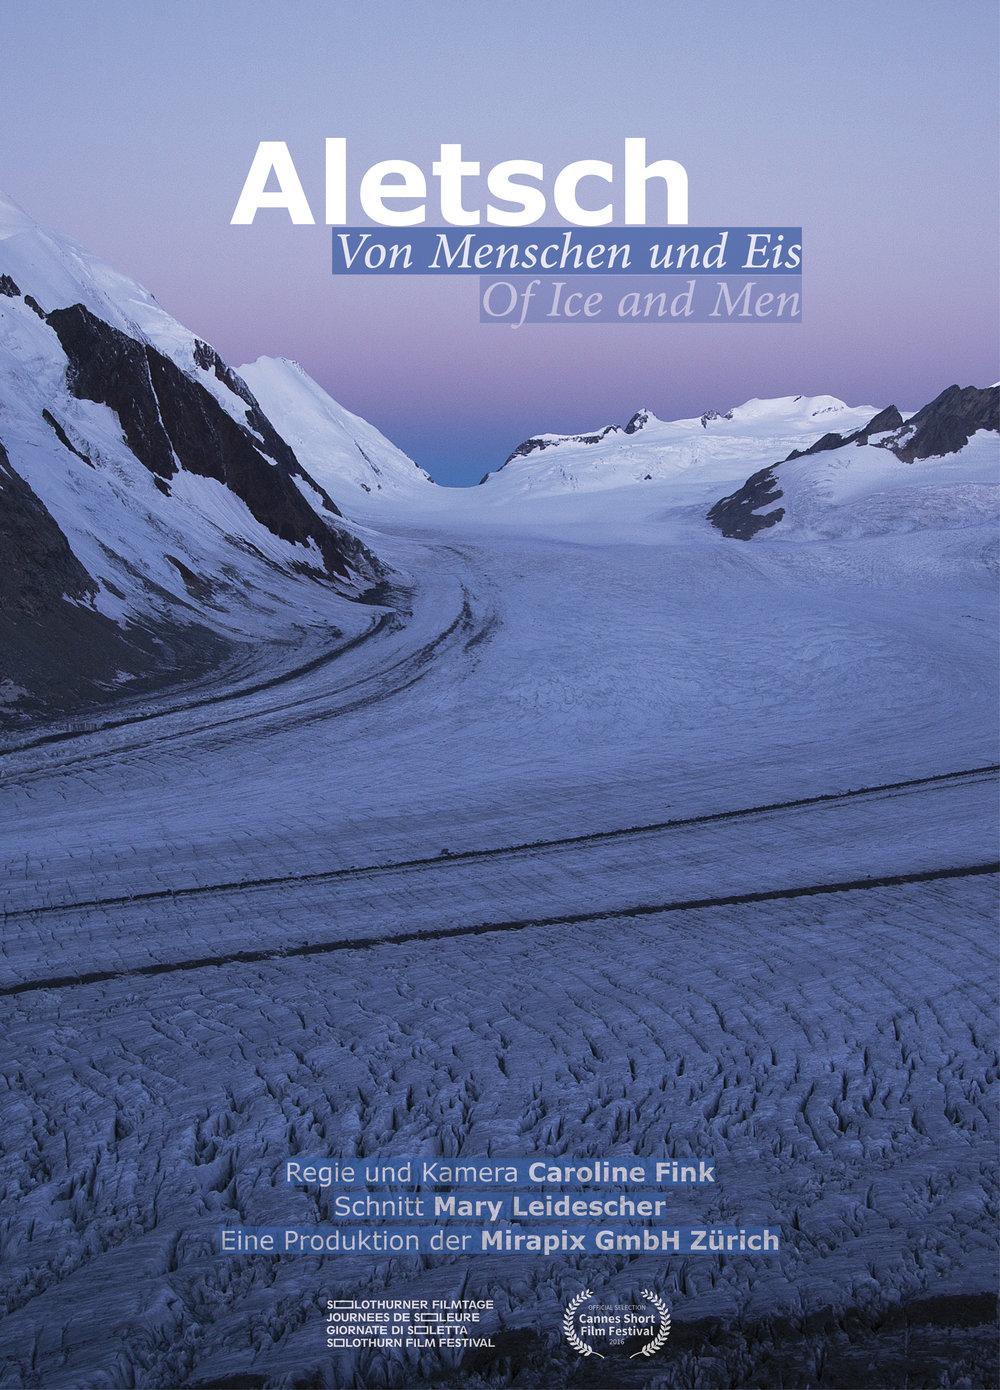 Aletsch Poster.jpg